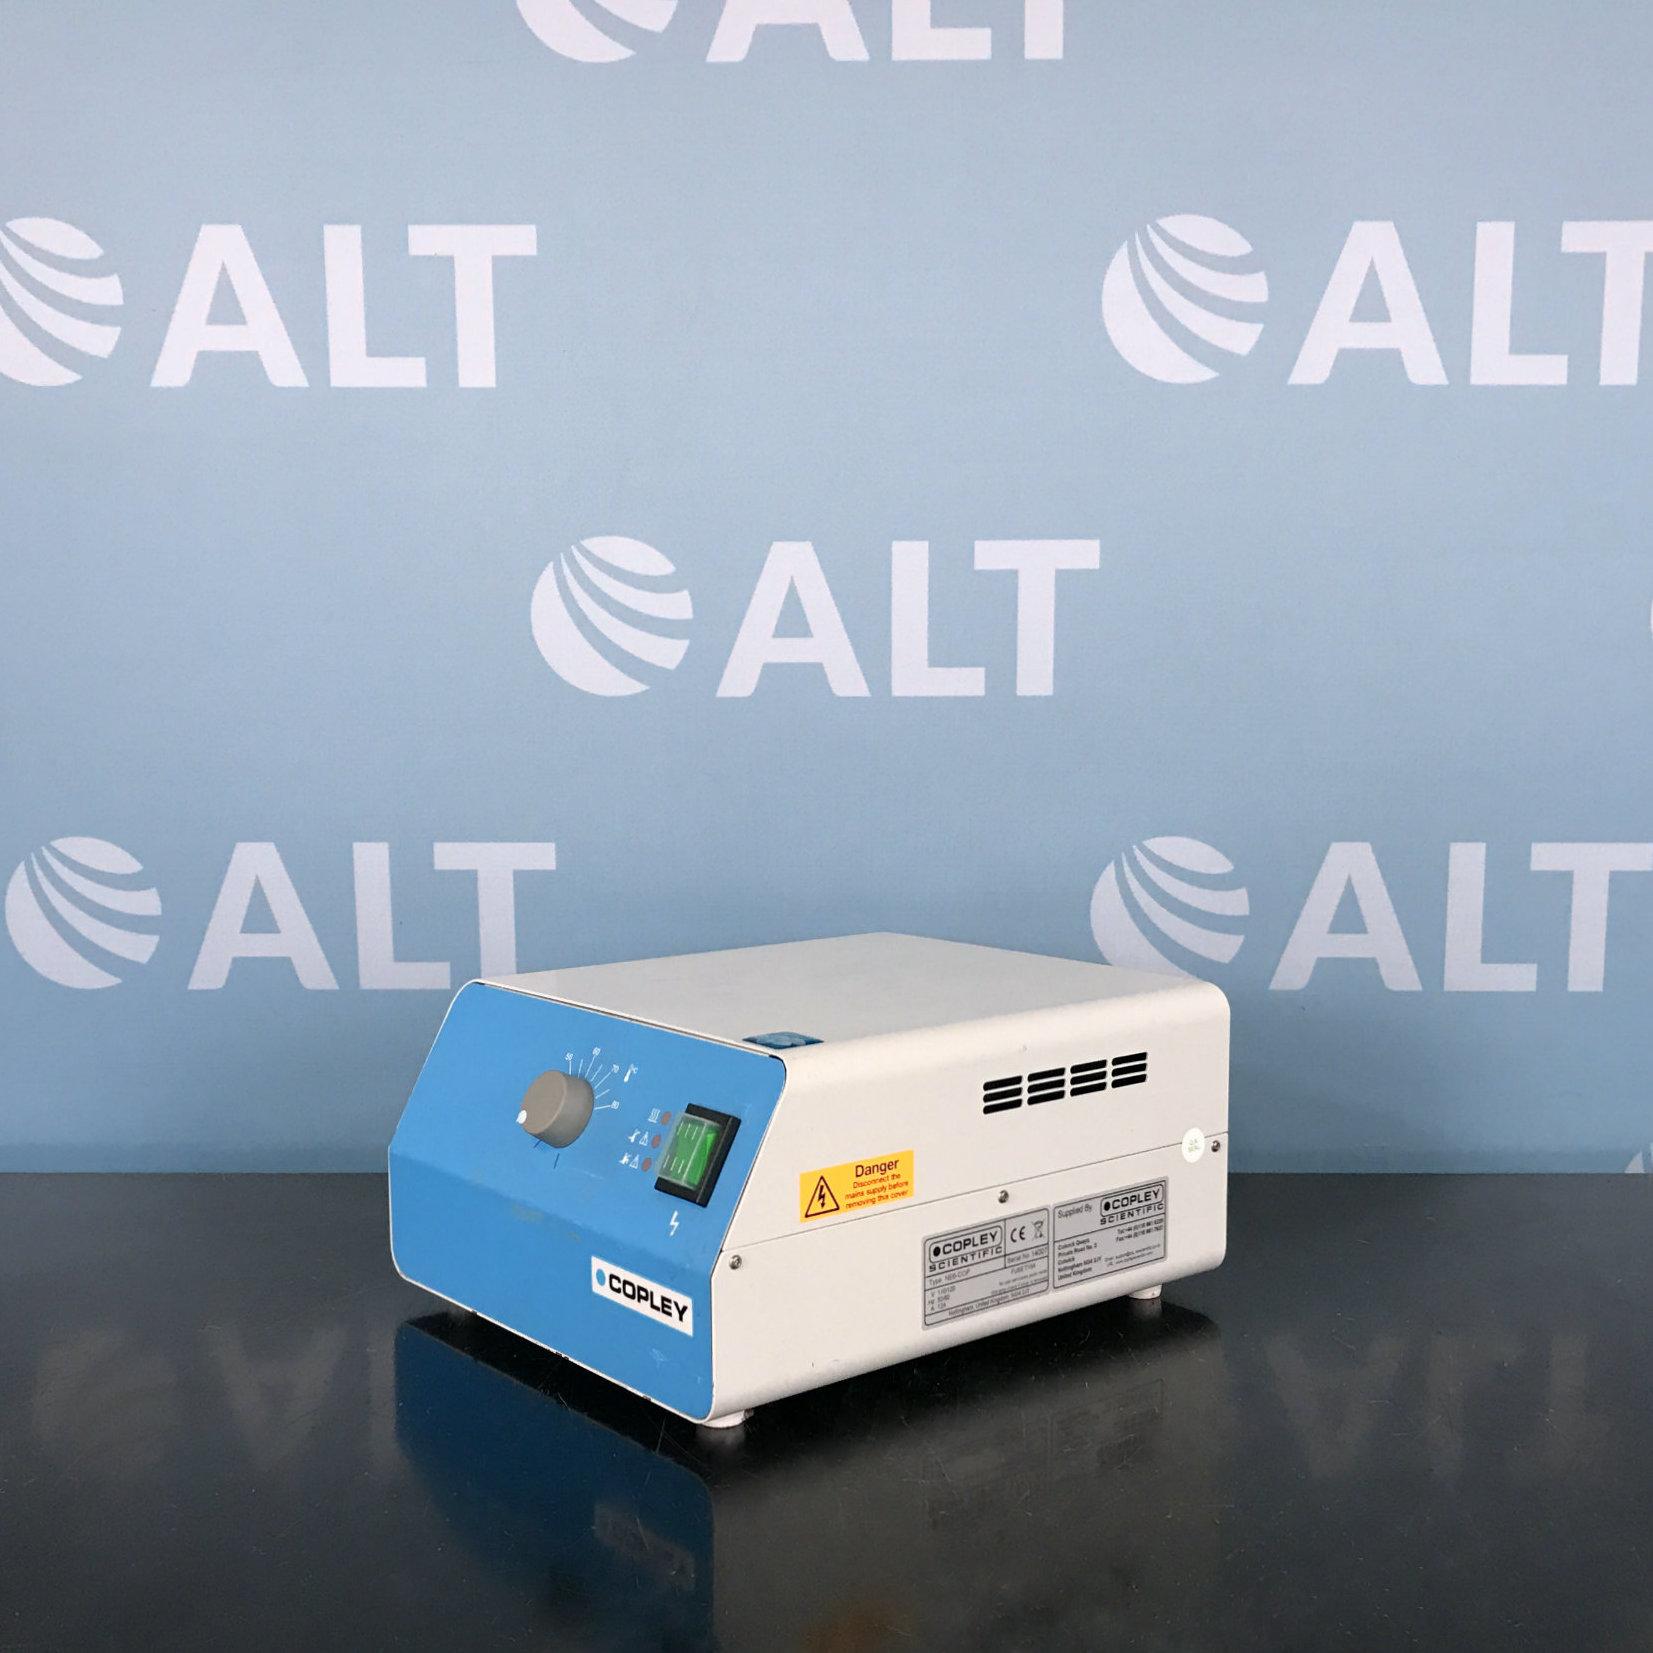 Copley Scientific NE6-COP Heater/Circulator Image